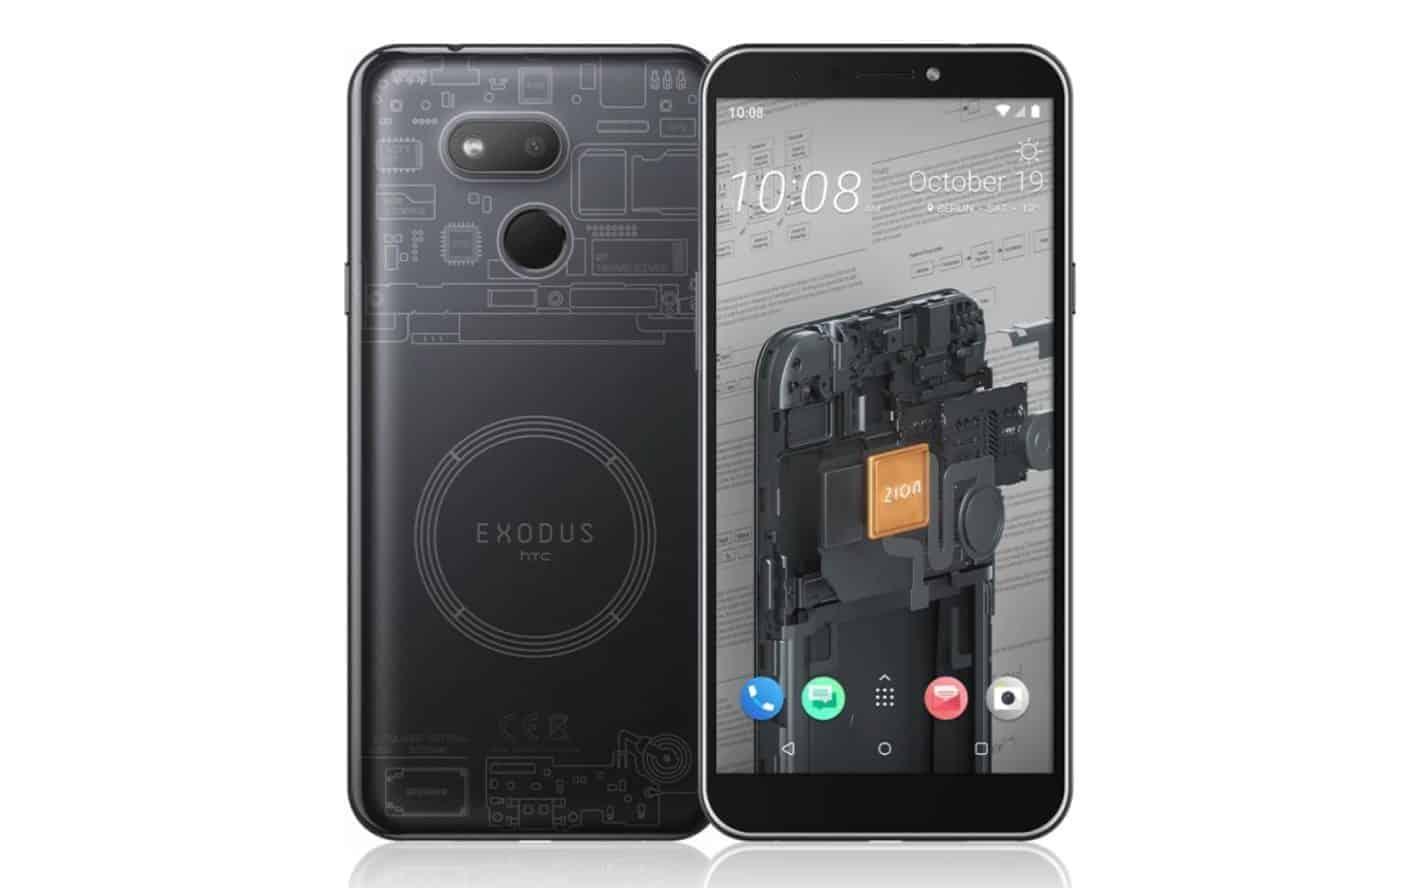 HTC EXODUS 1s presser